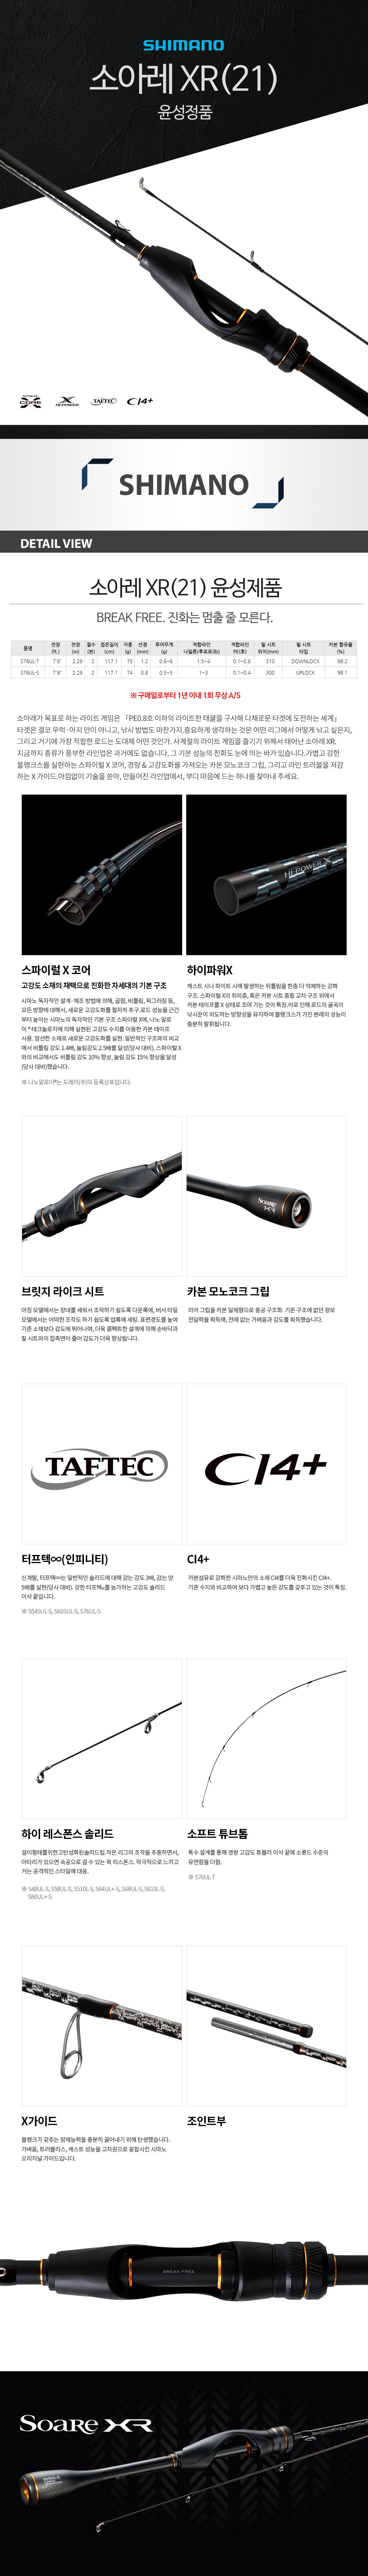 시마노 21 소아레 XR 윤성정품